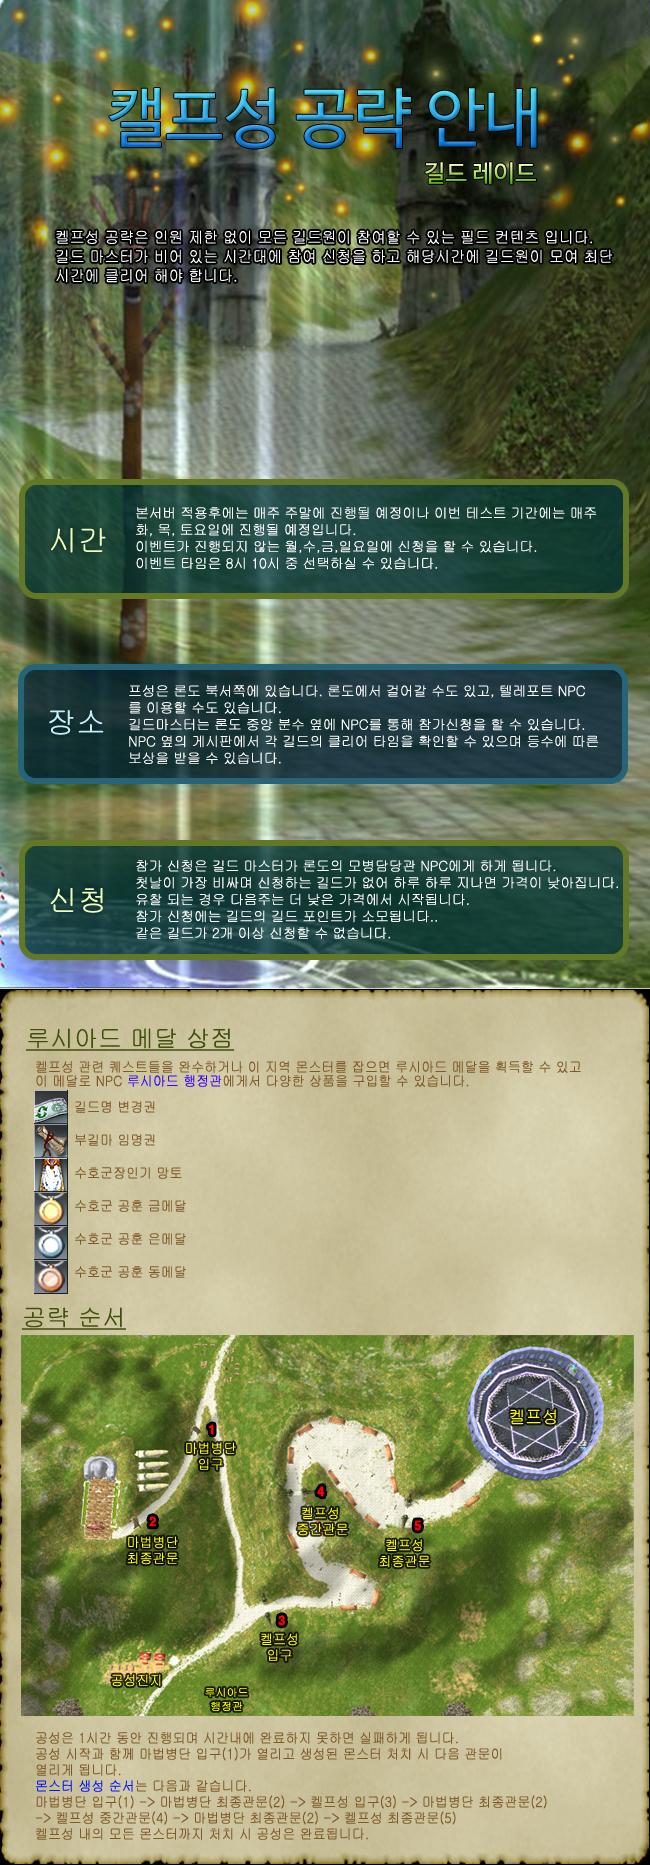 kelp_notice.jpg